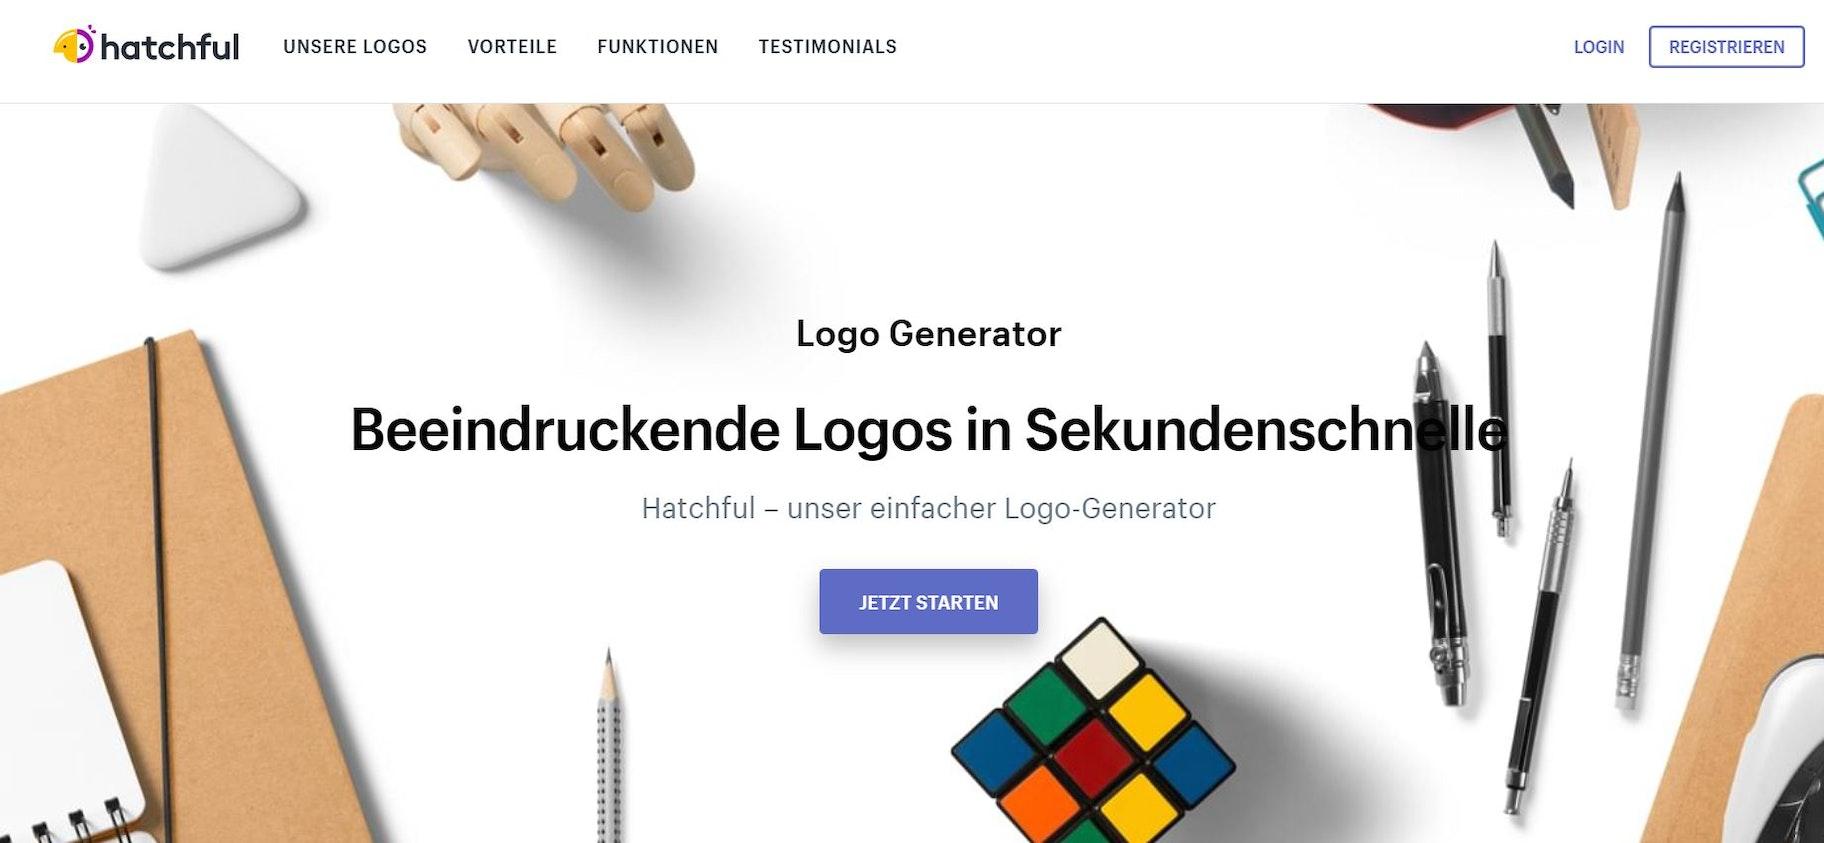 Onlineshop erstellen - Logos mit Hatchfull kreieren